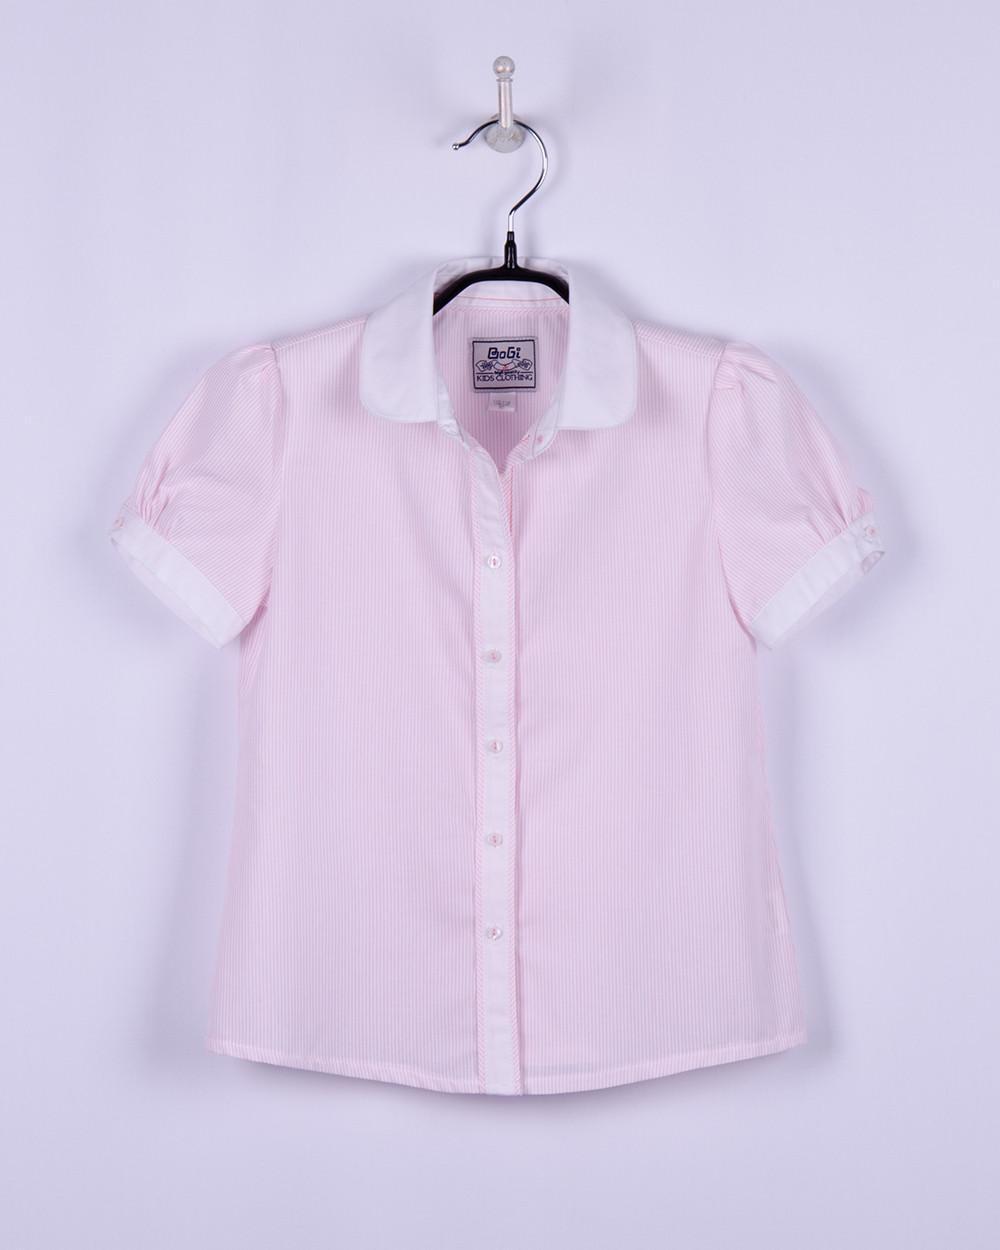 Блуза для девочки с коротким рукавом, бело-розовая, в мелкую полоску, белый воротник, 140-146, BOGI (Божи)